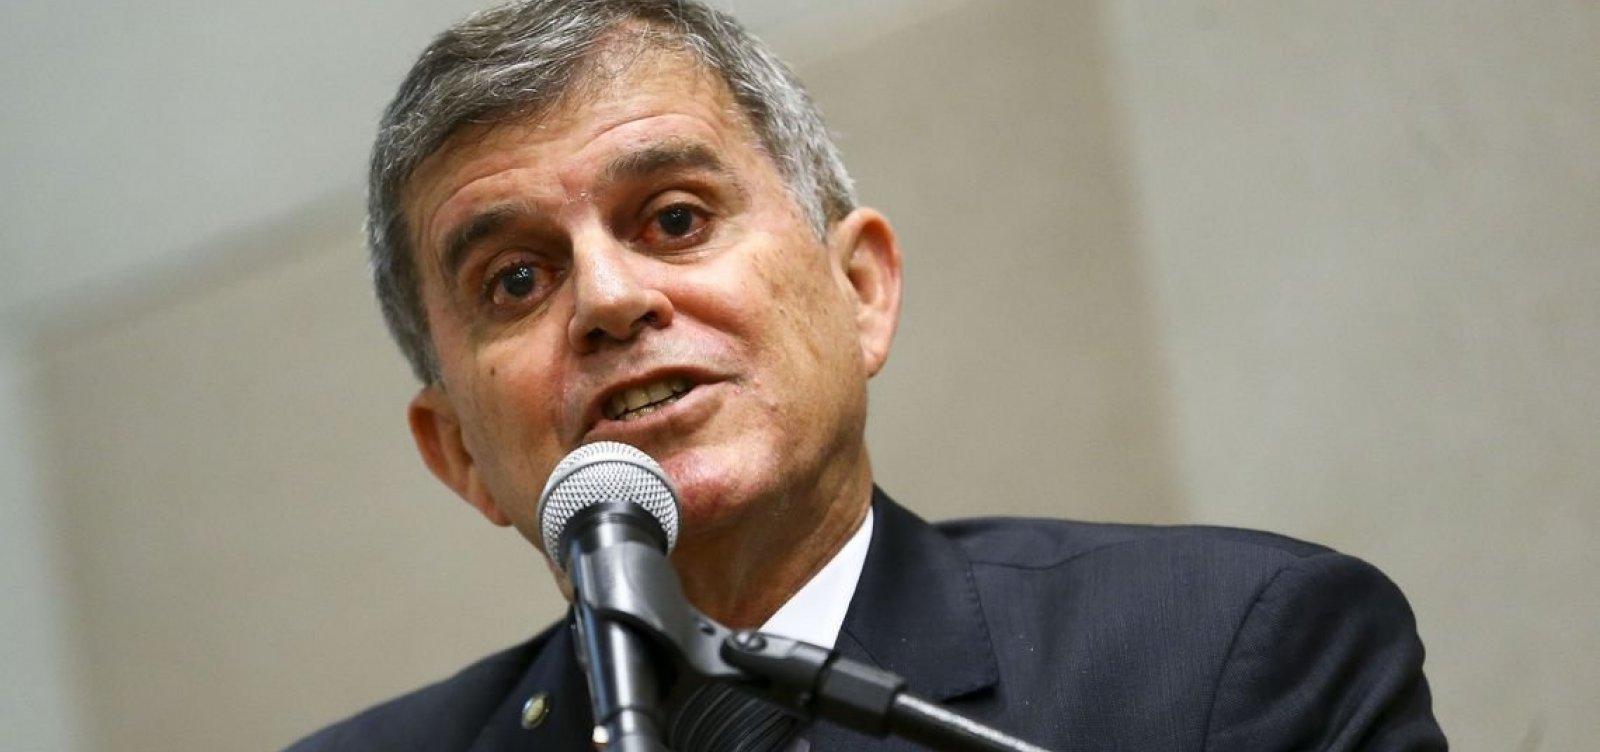 Secretário defende transformar Força Nacional em guarda permanente